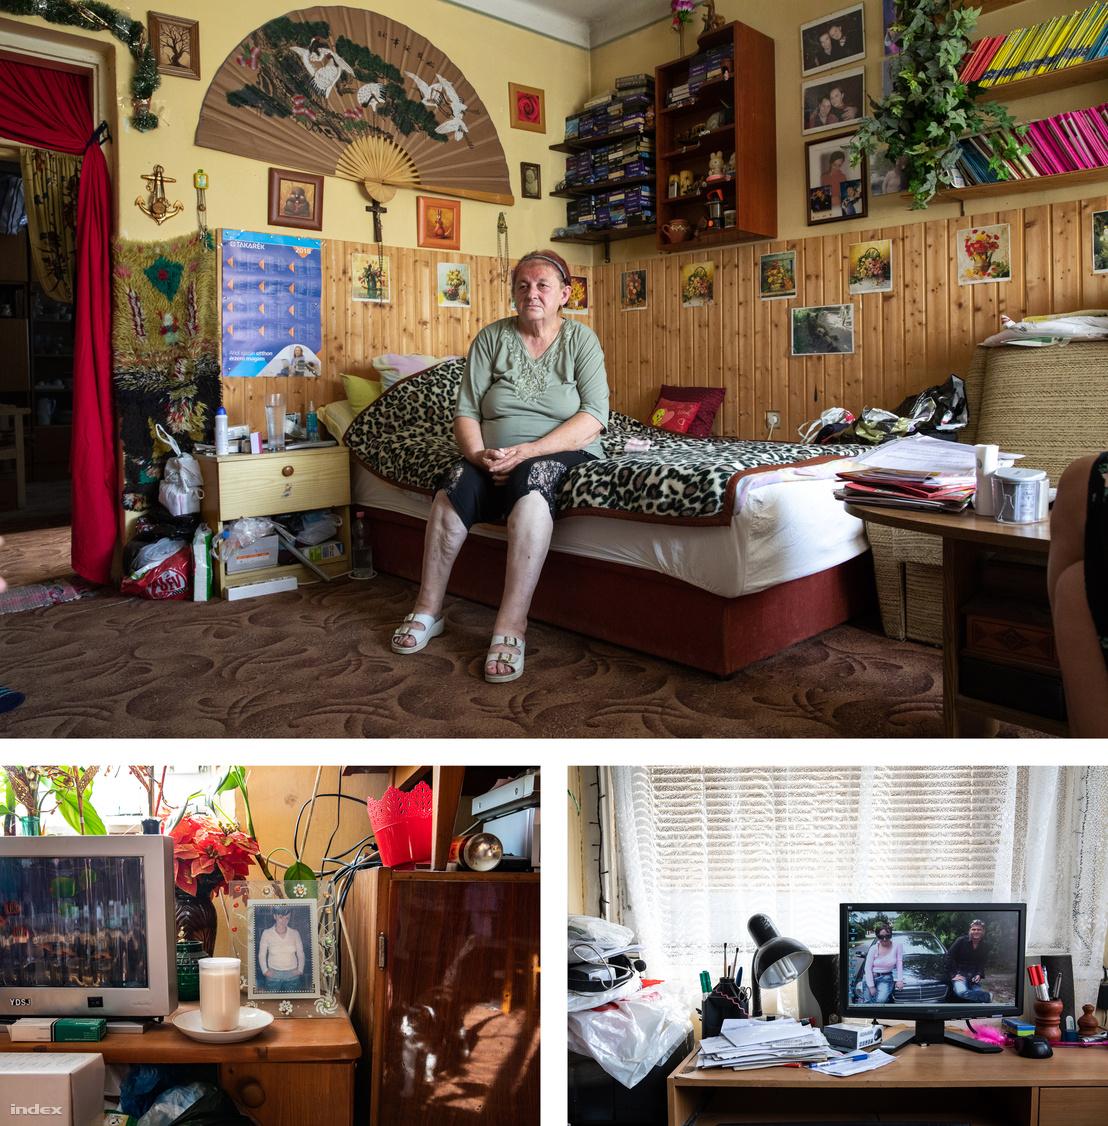 """""""Ne haragudjanak a zsúfoltságért, az egész életemet ebbe szobába kellett költöztetnem"""" – mondta nekünk Vera. Az asztalon lévő fotón és a számítógép háttérképén rákban elhunyt lánya látható."""